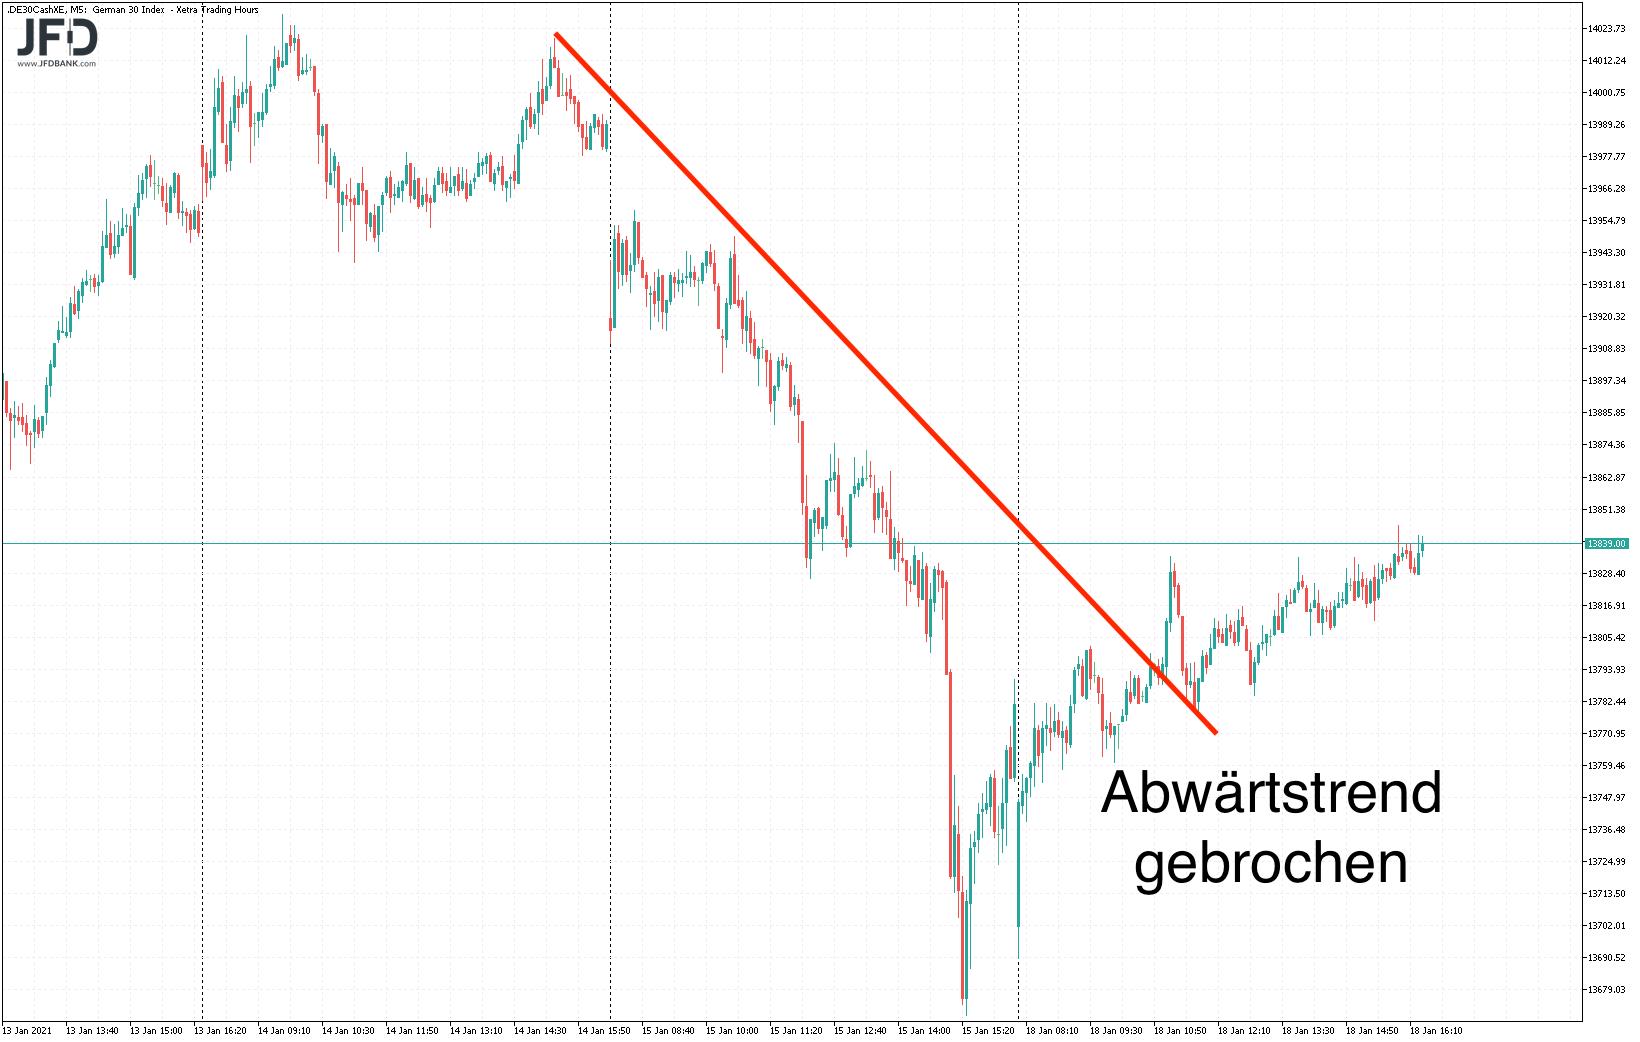 Trendlinie im DAX gebrochen